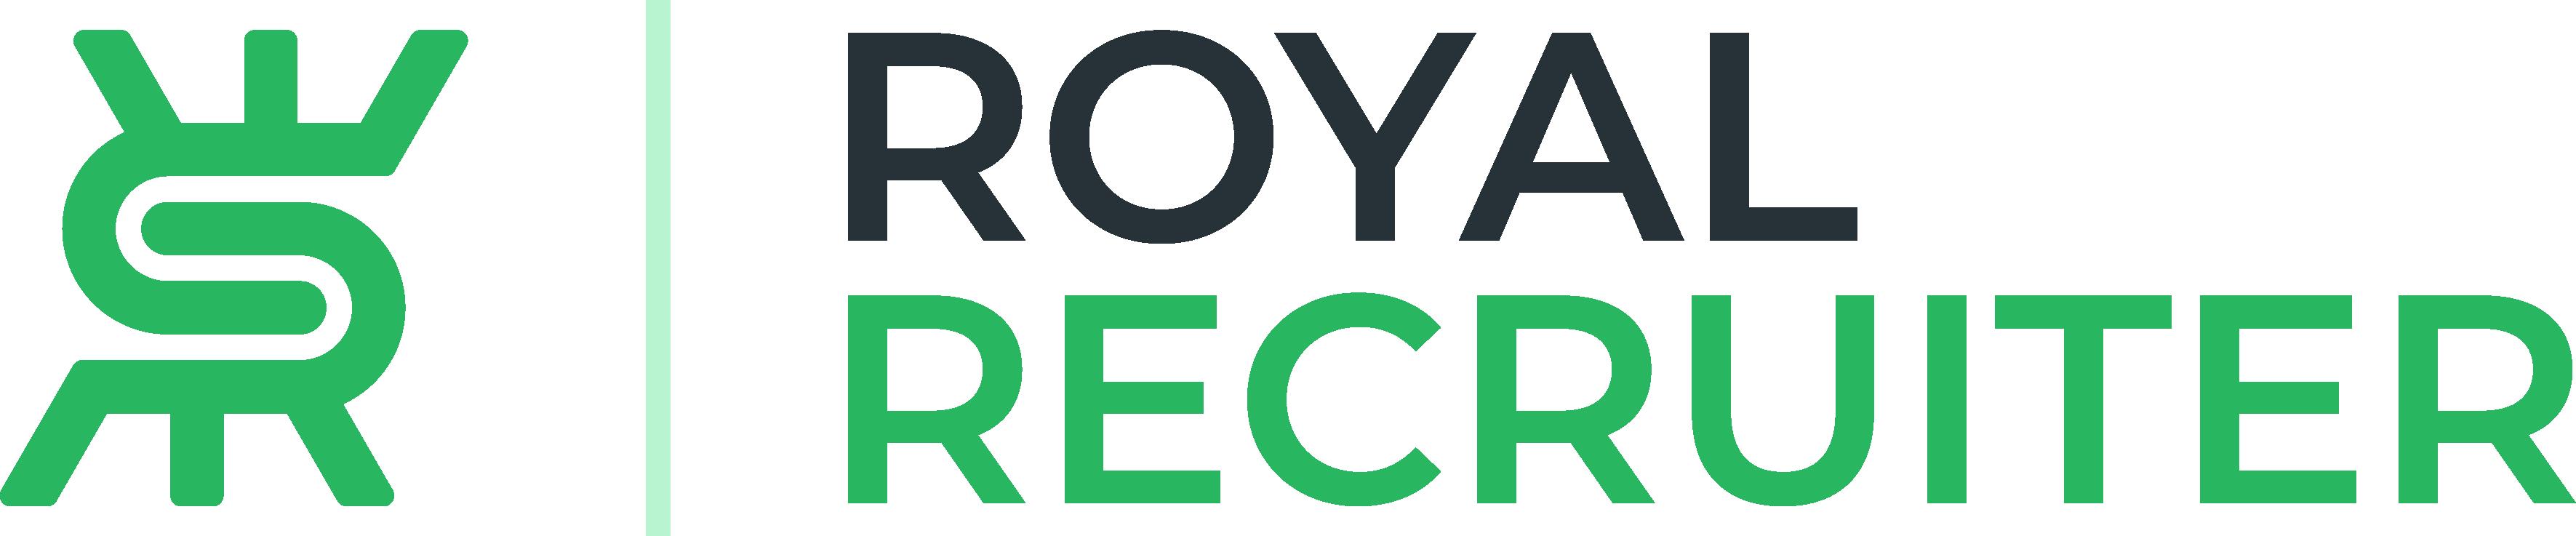 Royal Recruiter